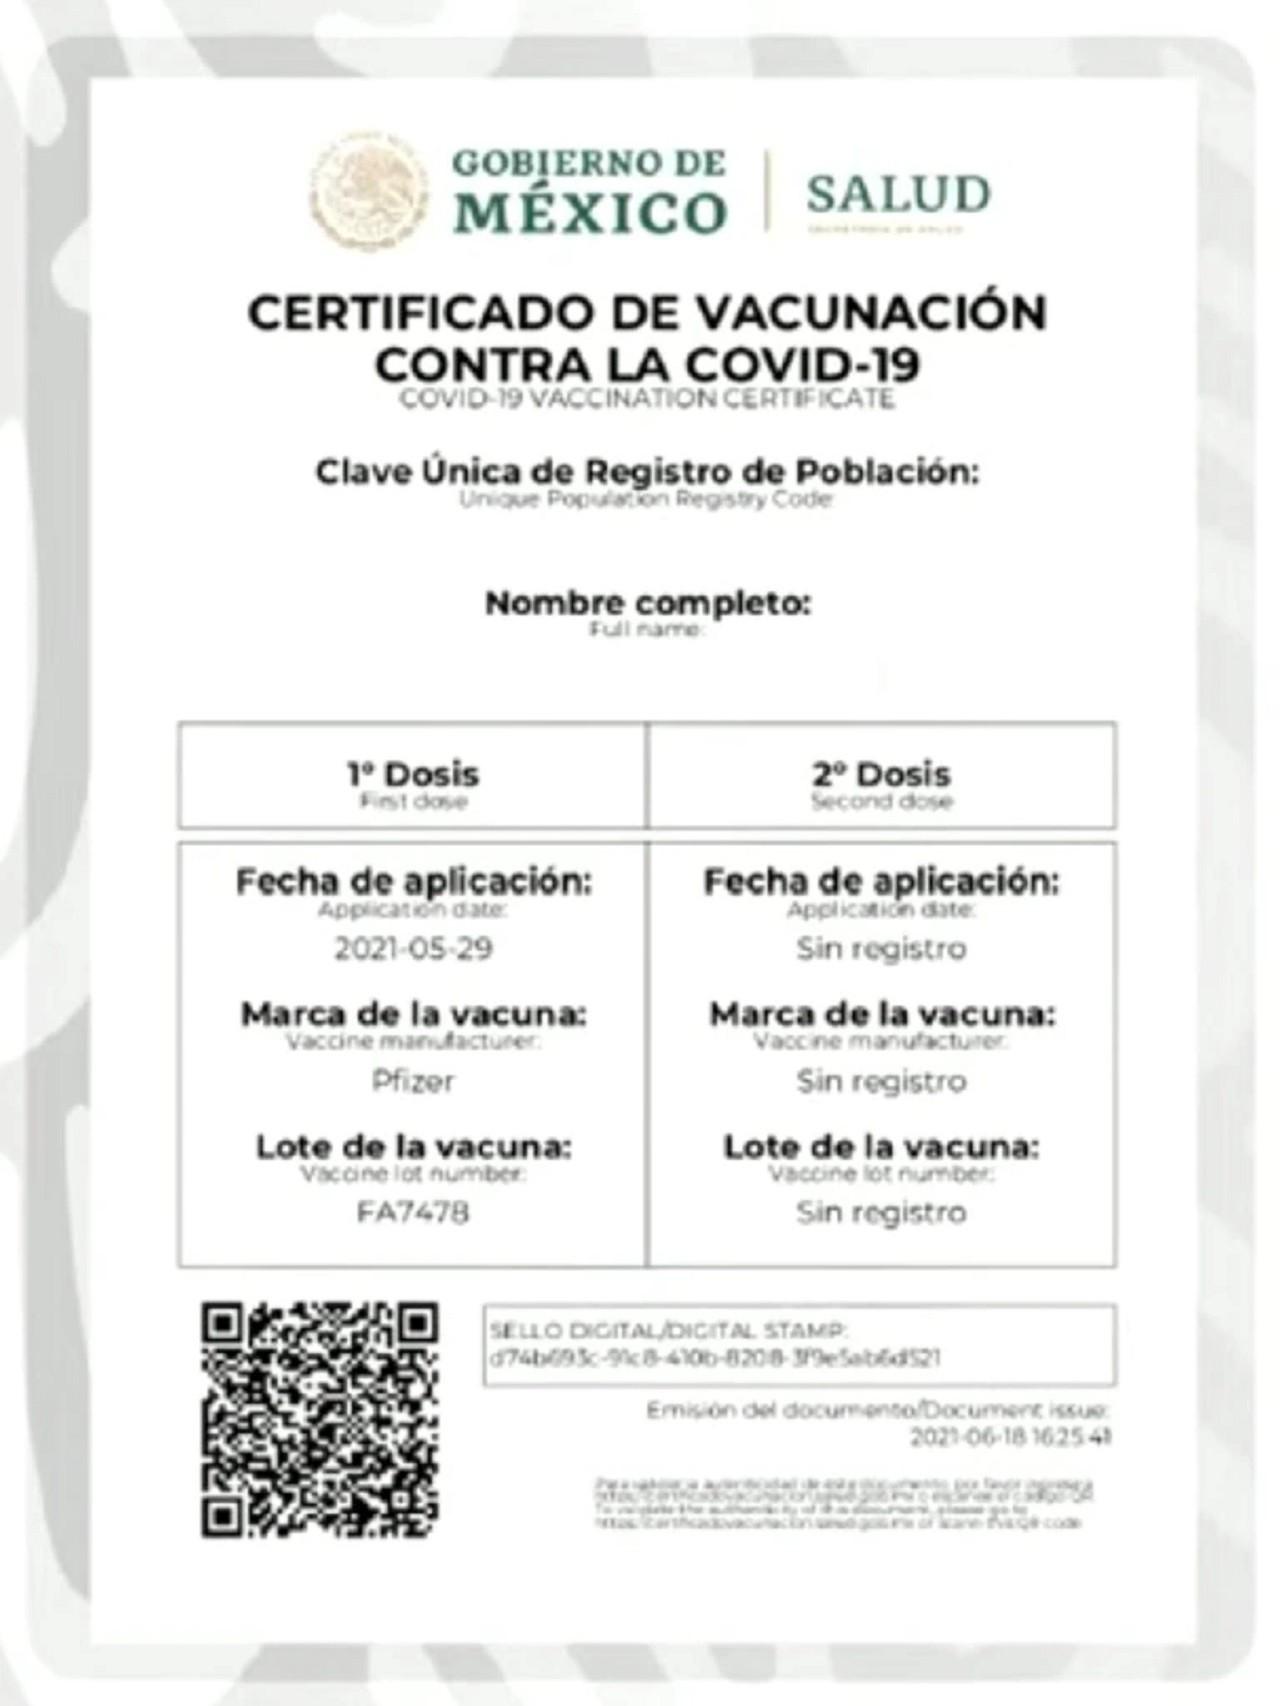 Vacunación Covid-19 Cómo Conseguir Certificado Vacunación